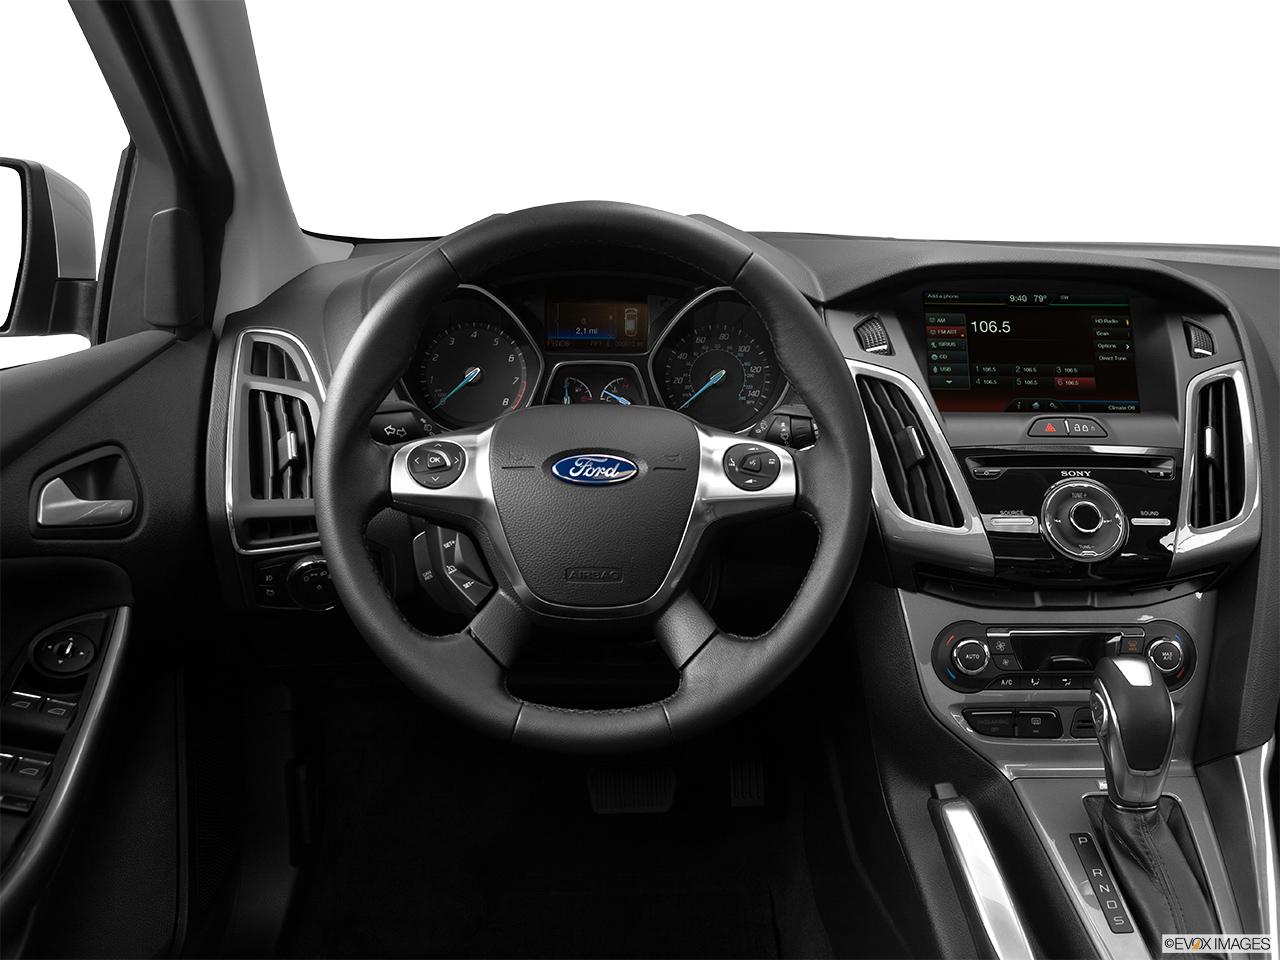 2015 ford focus sedan black. 2015 ford focus 4dr sedan titanium steering wheelcenter console black